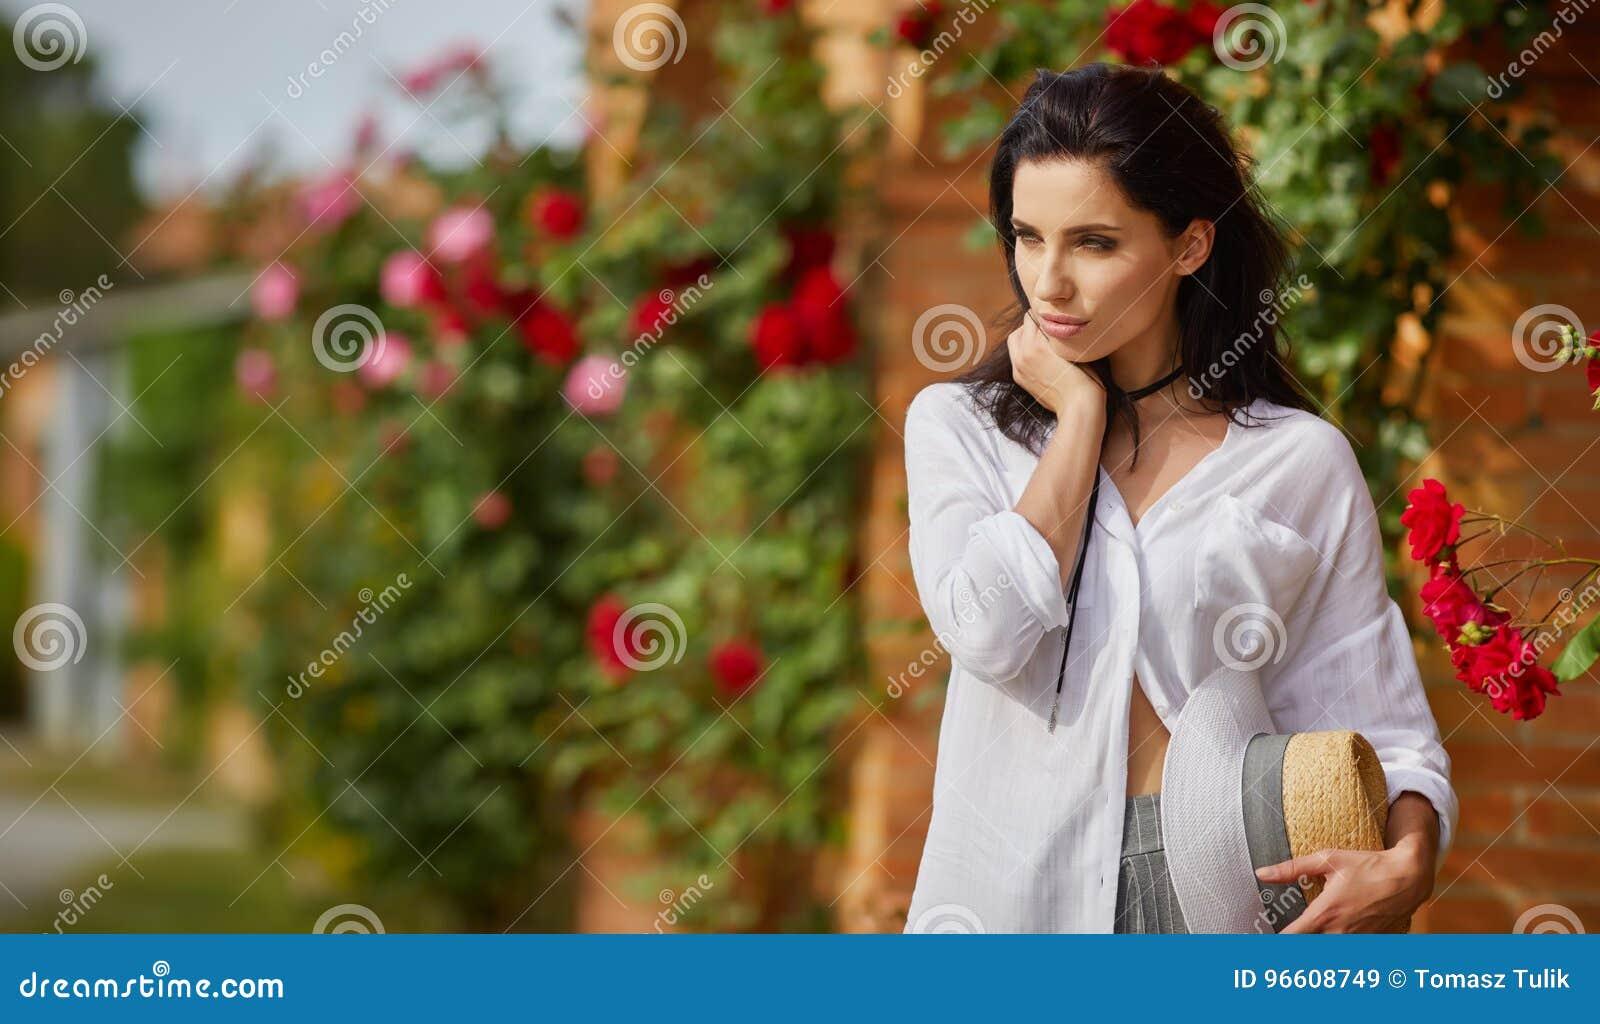 休息在夏天意大利庭院的妇女